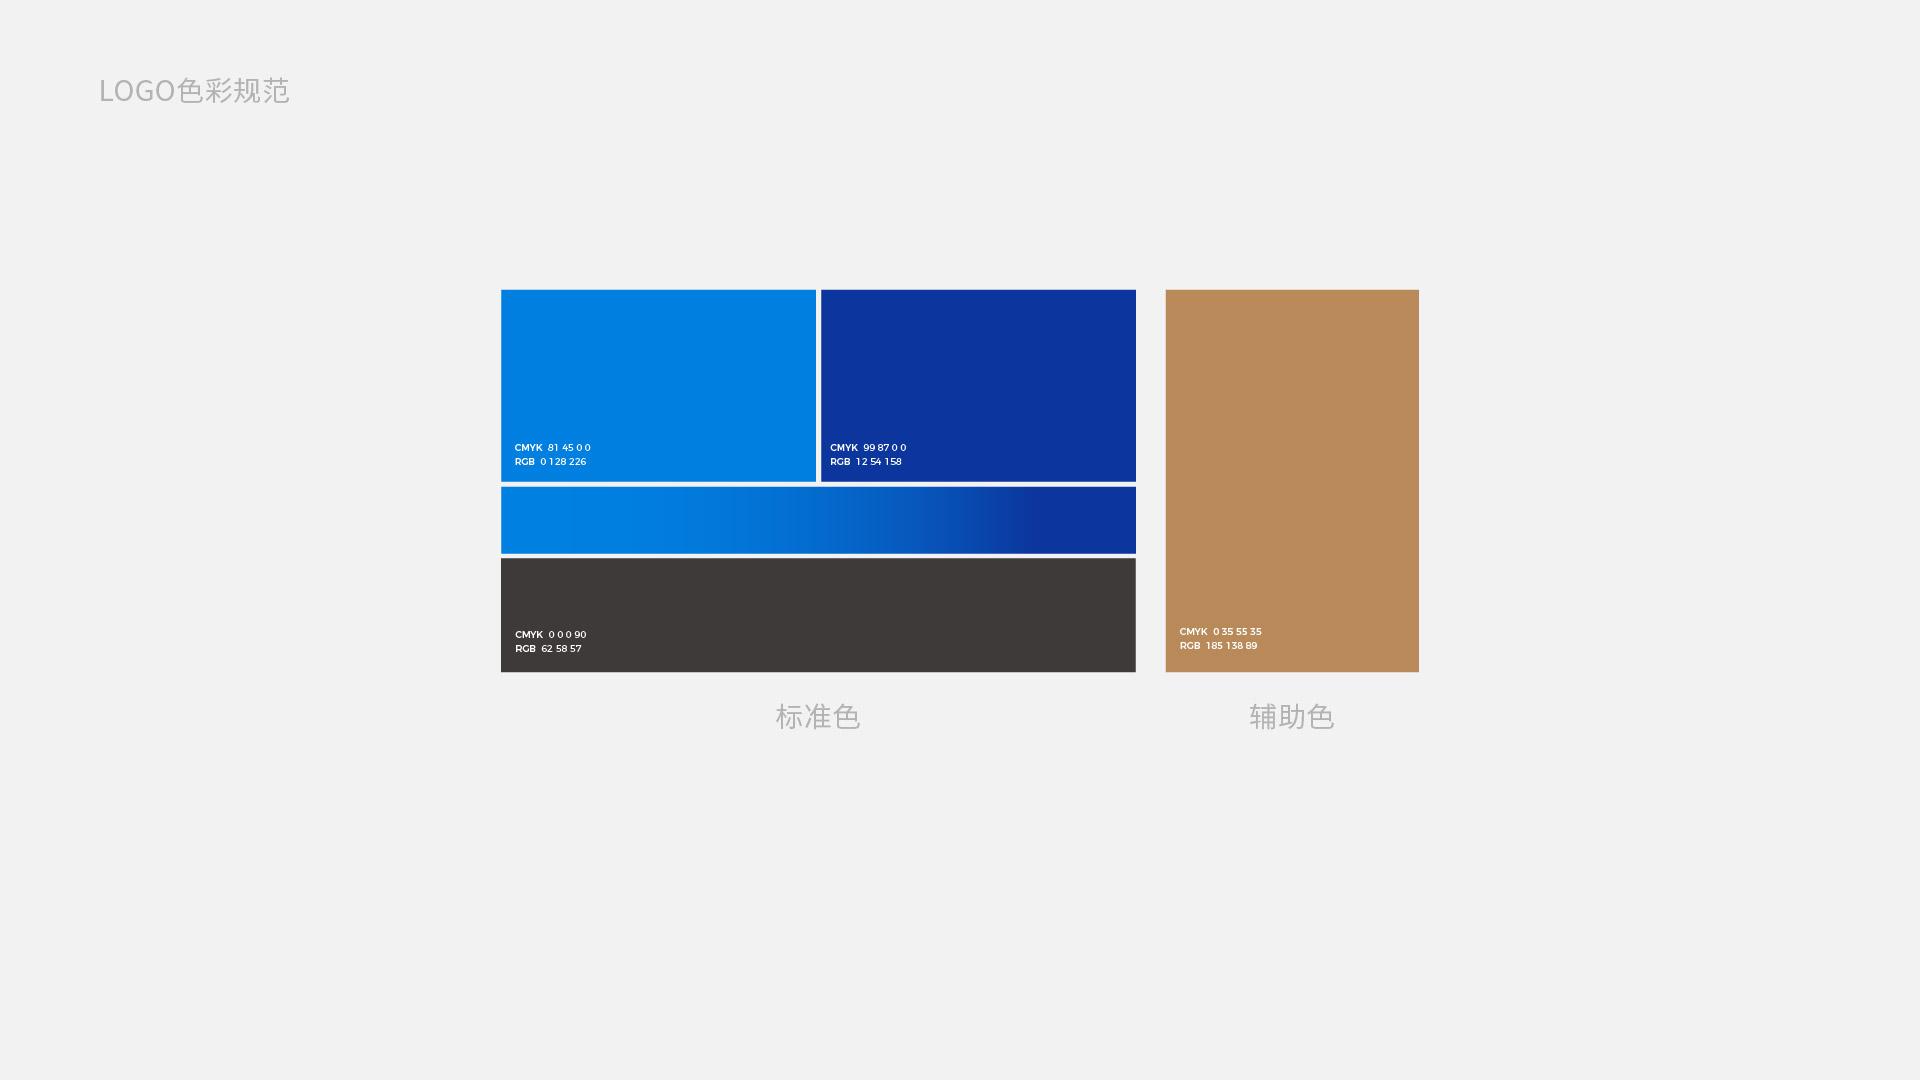 中新产元logo色彩规范